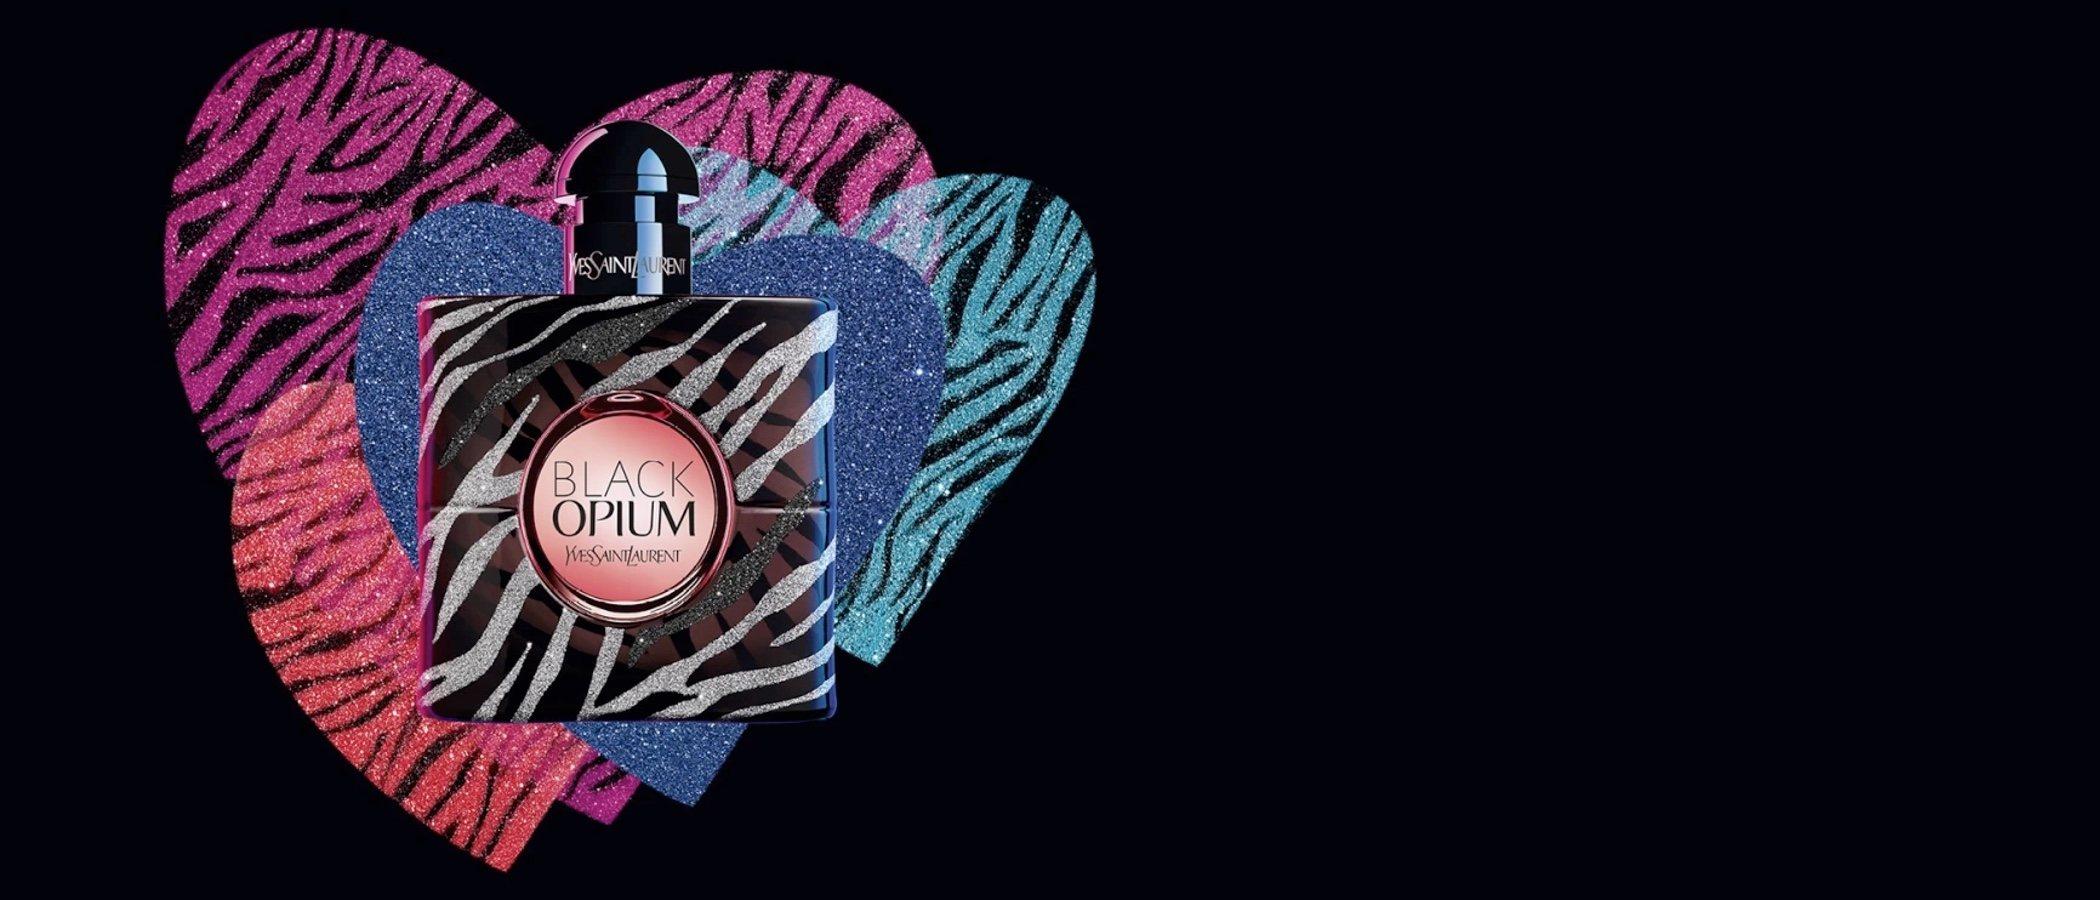 Yves Saint Laurent se pone brilli brilli con el lanzamiento de 'Black Opium Zebra'